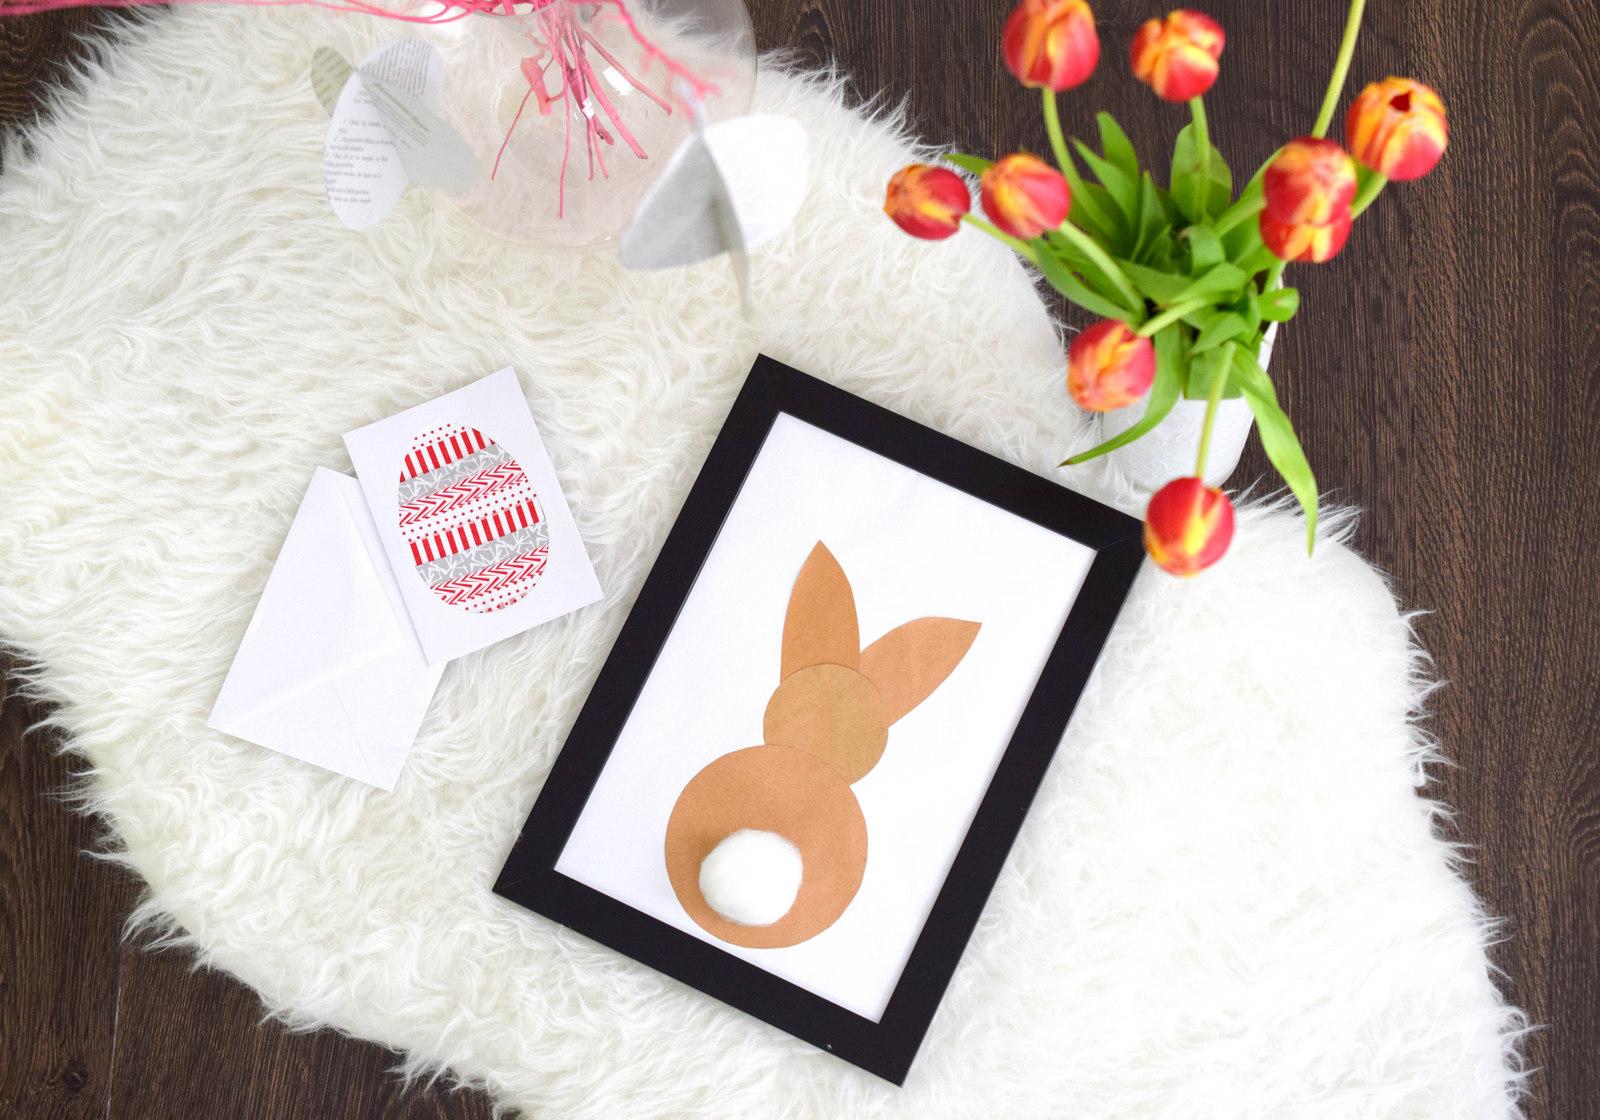 Osterbasteln: DIY mit drei Bastelideen aus Papier für Ostern. Auch für Osterbasteln mit Kindern geeignet und eine schöne Osterdekoration.